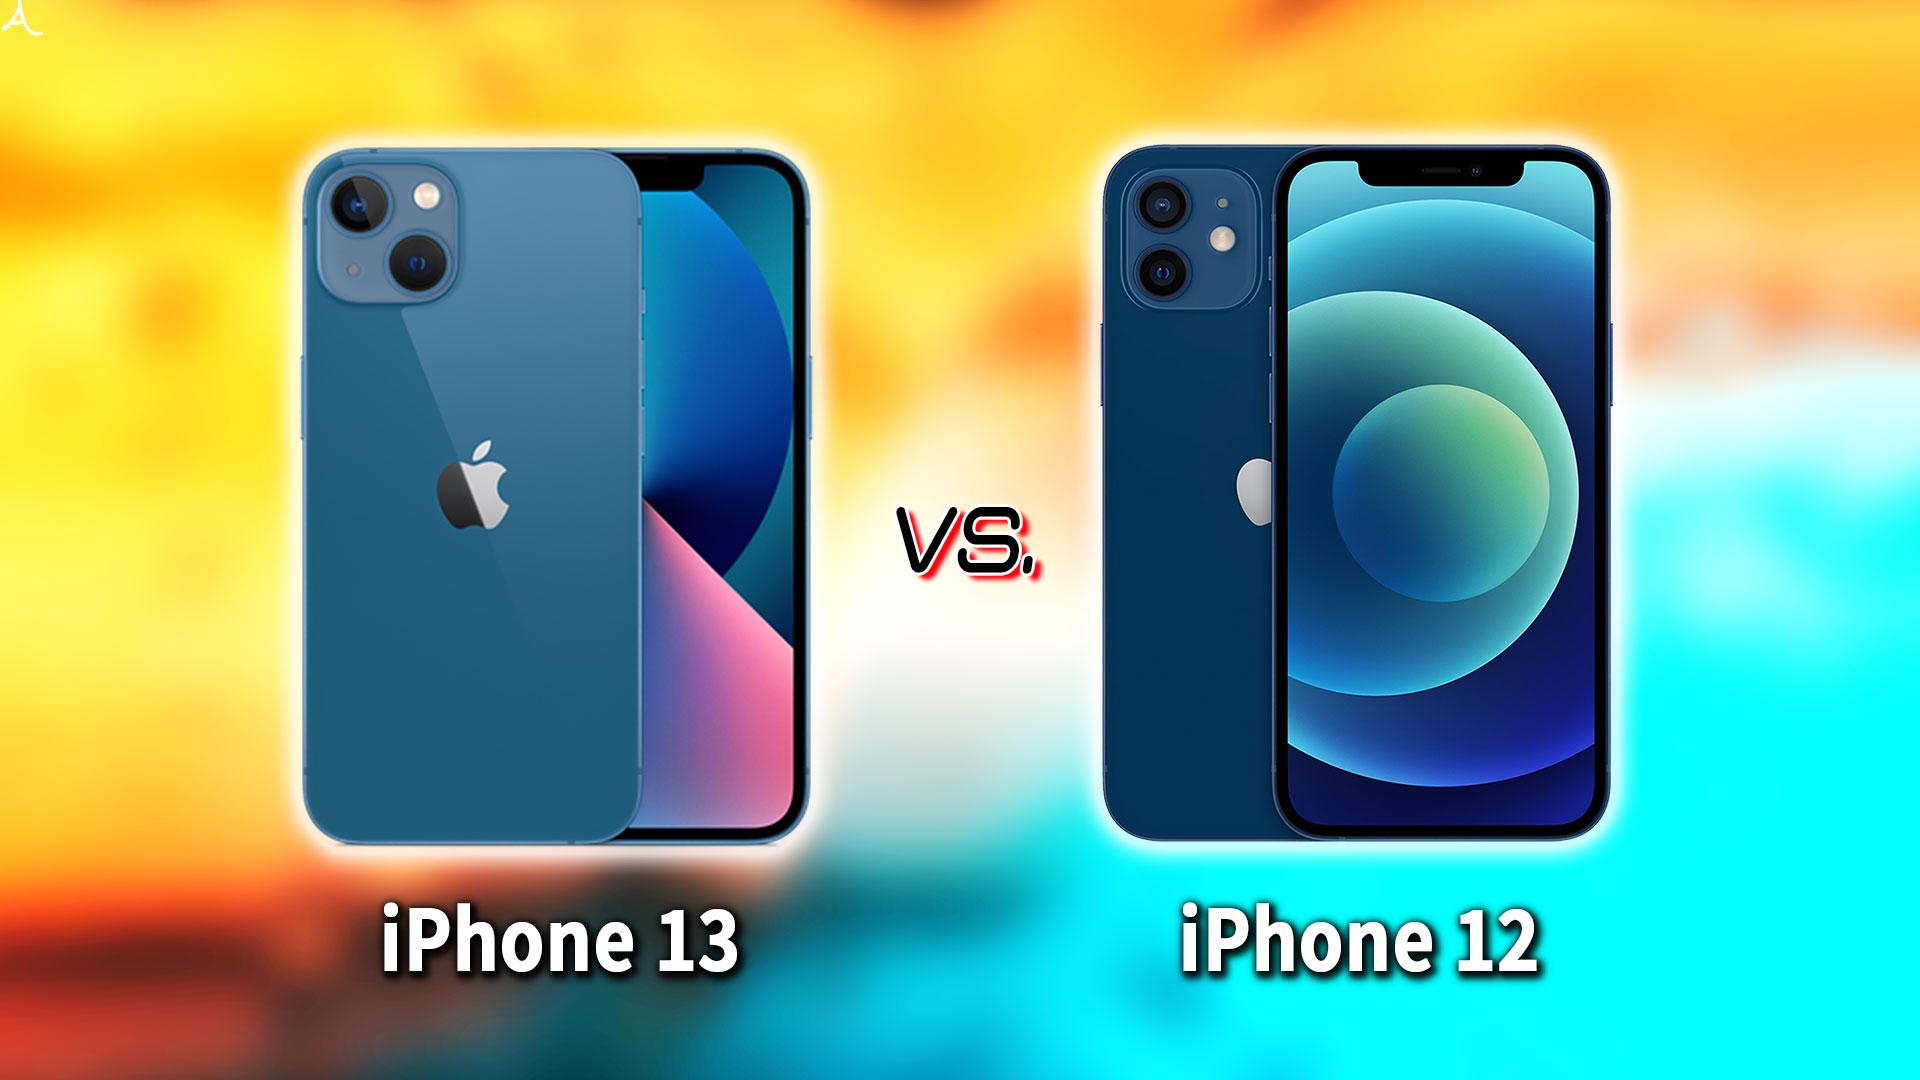 「iPhone 13」と「iPhone 12」の違いを比較:どっちを買う?